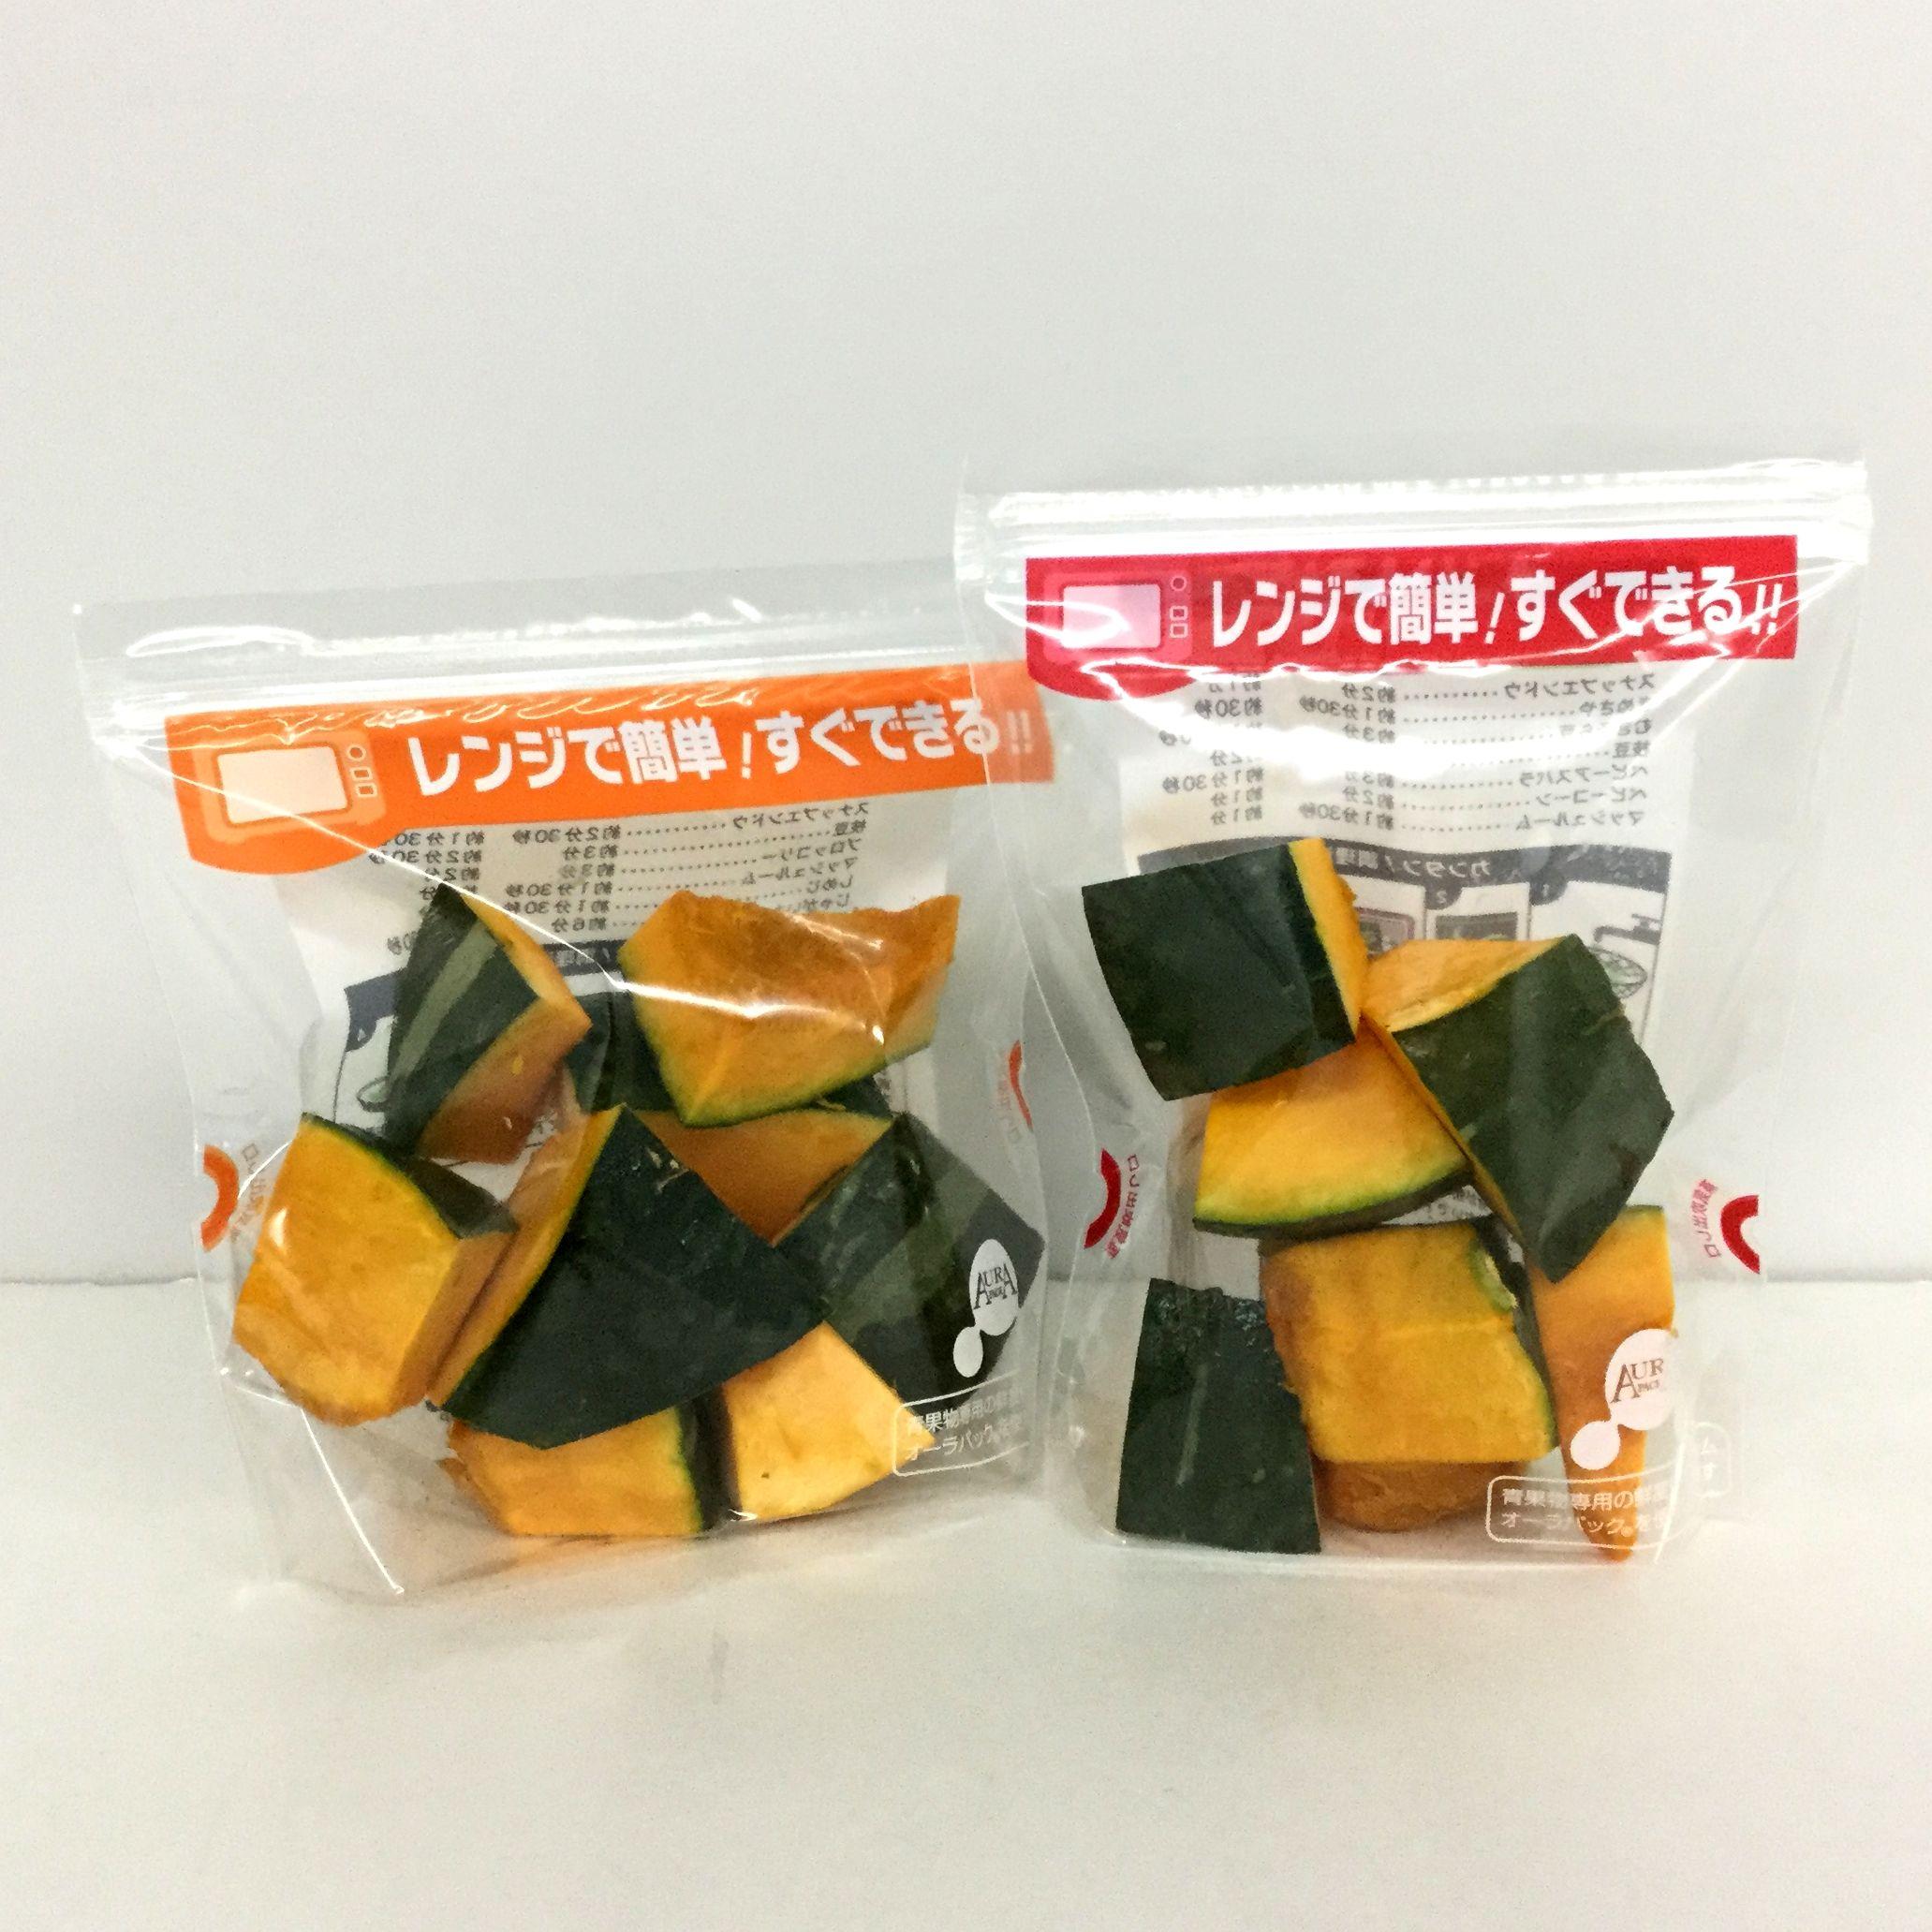 オーラパックスタンドレンジ